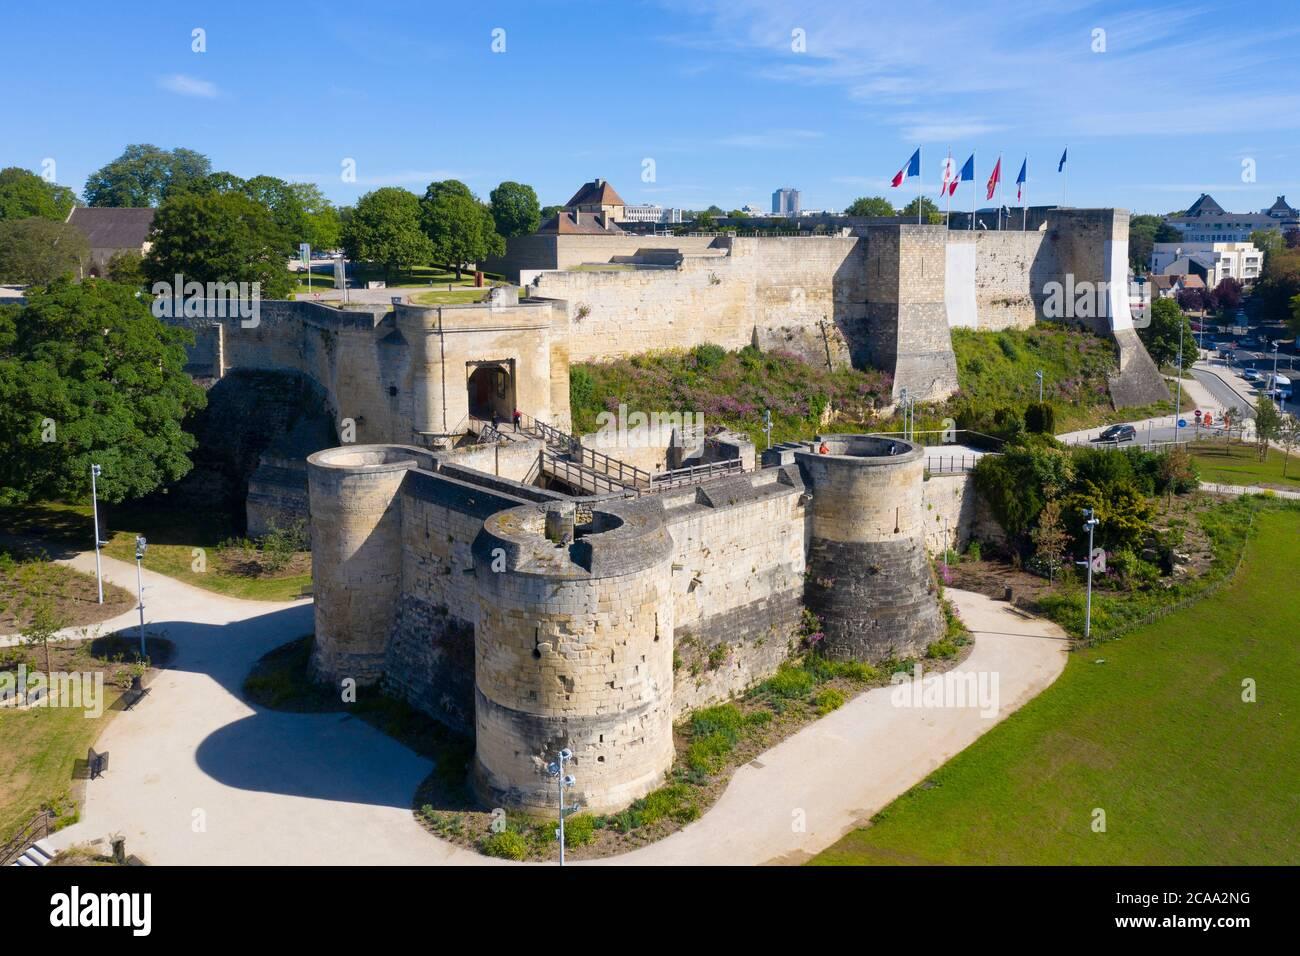 Castello di Caen - 1060, Guglielmo di Normandia ha istituito una nuova roccaforte a Caen. Castello di Caen castello nella città normanna di Caen nel Calvados partenza Foto Stock